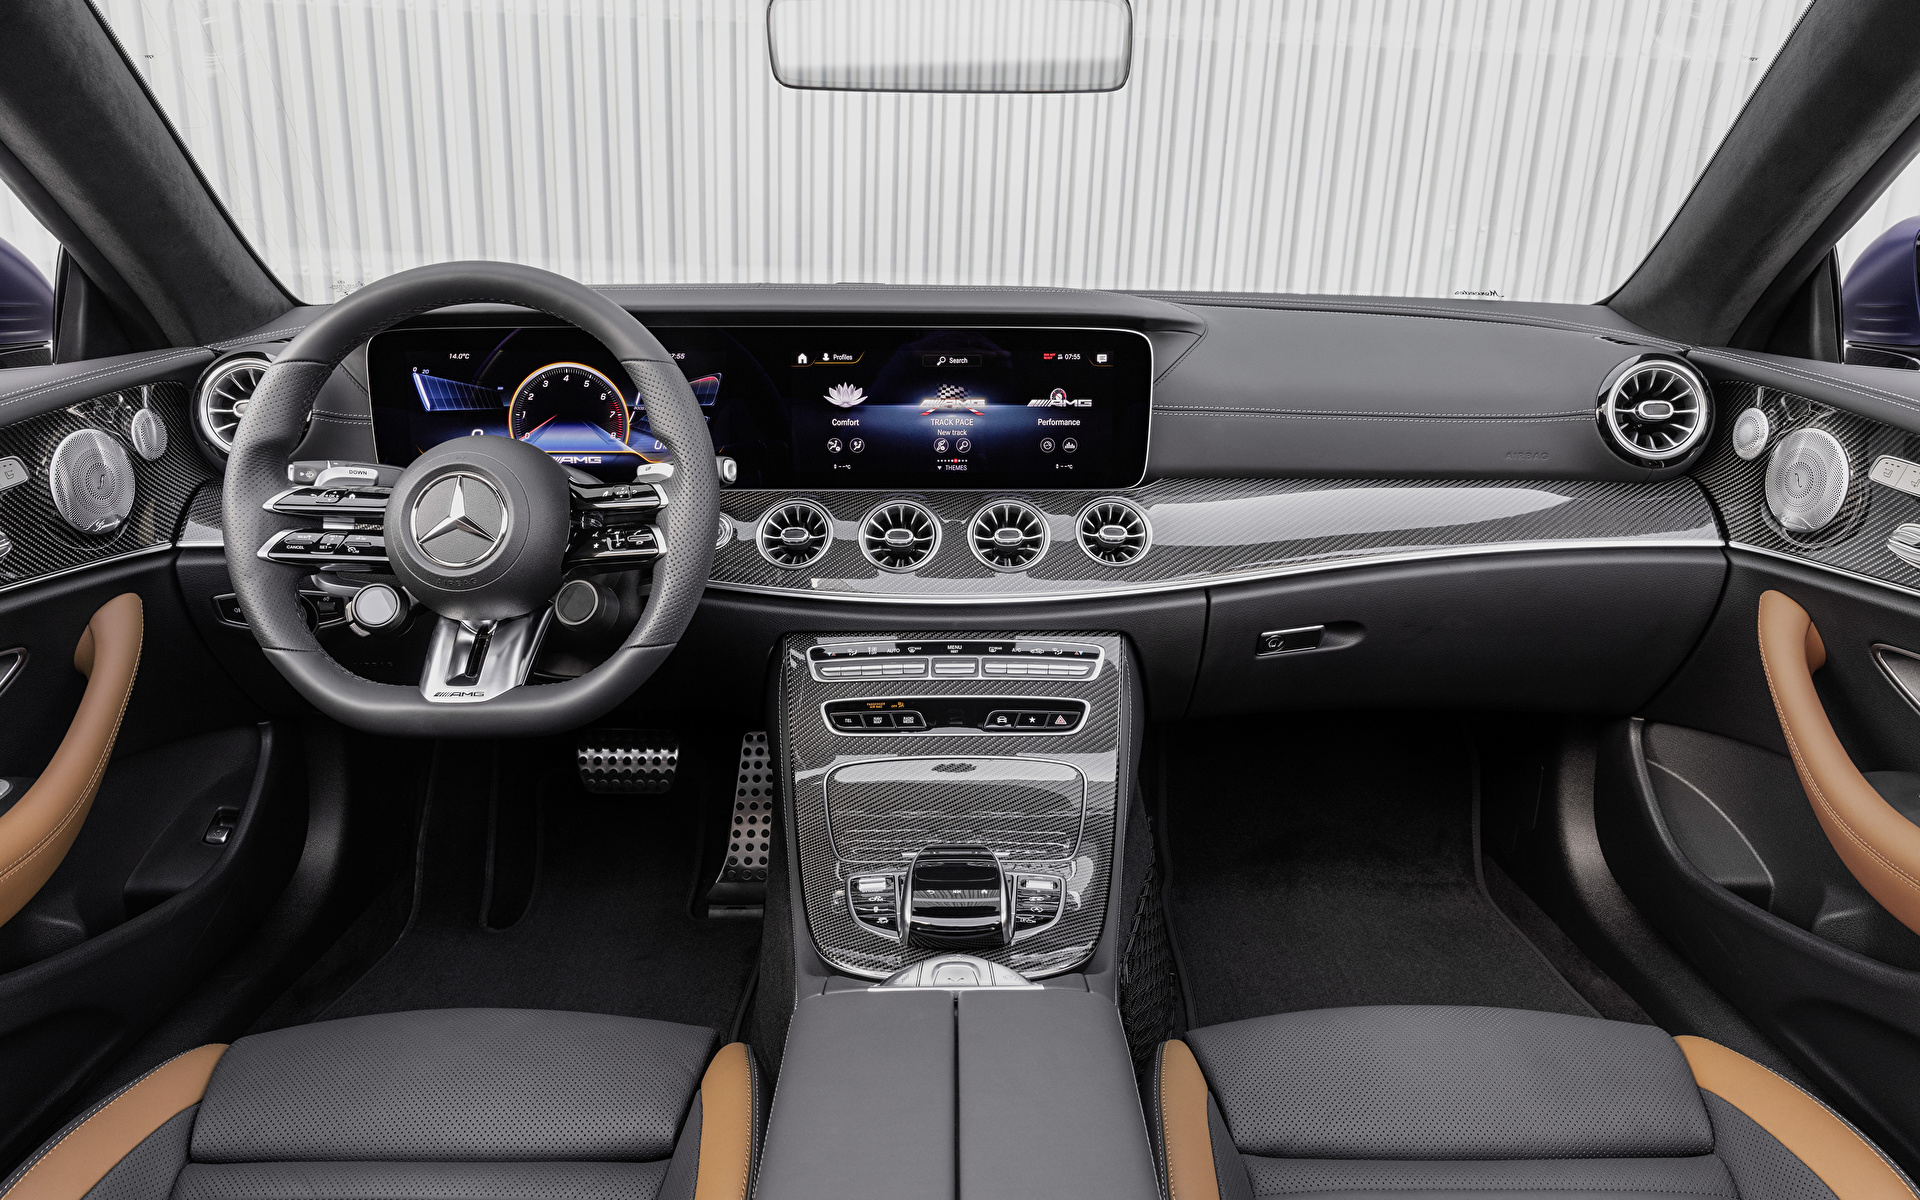 Foto Salons Mercedes-Benz Lenkrad E 53 4MATIC, Cabrio Worldwide, A238, 2020 Cabriolet Autos 1920x1200 auto automobil